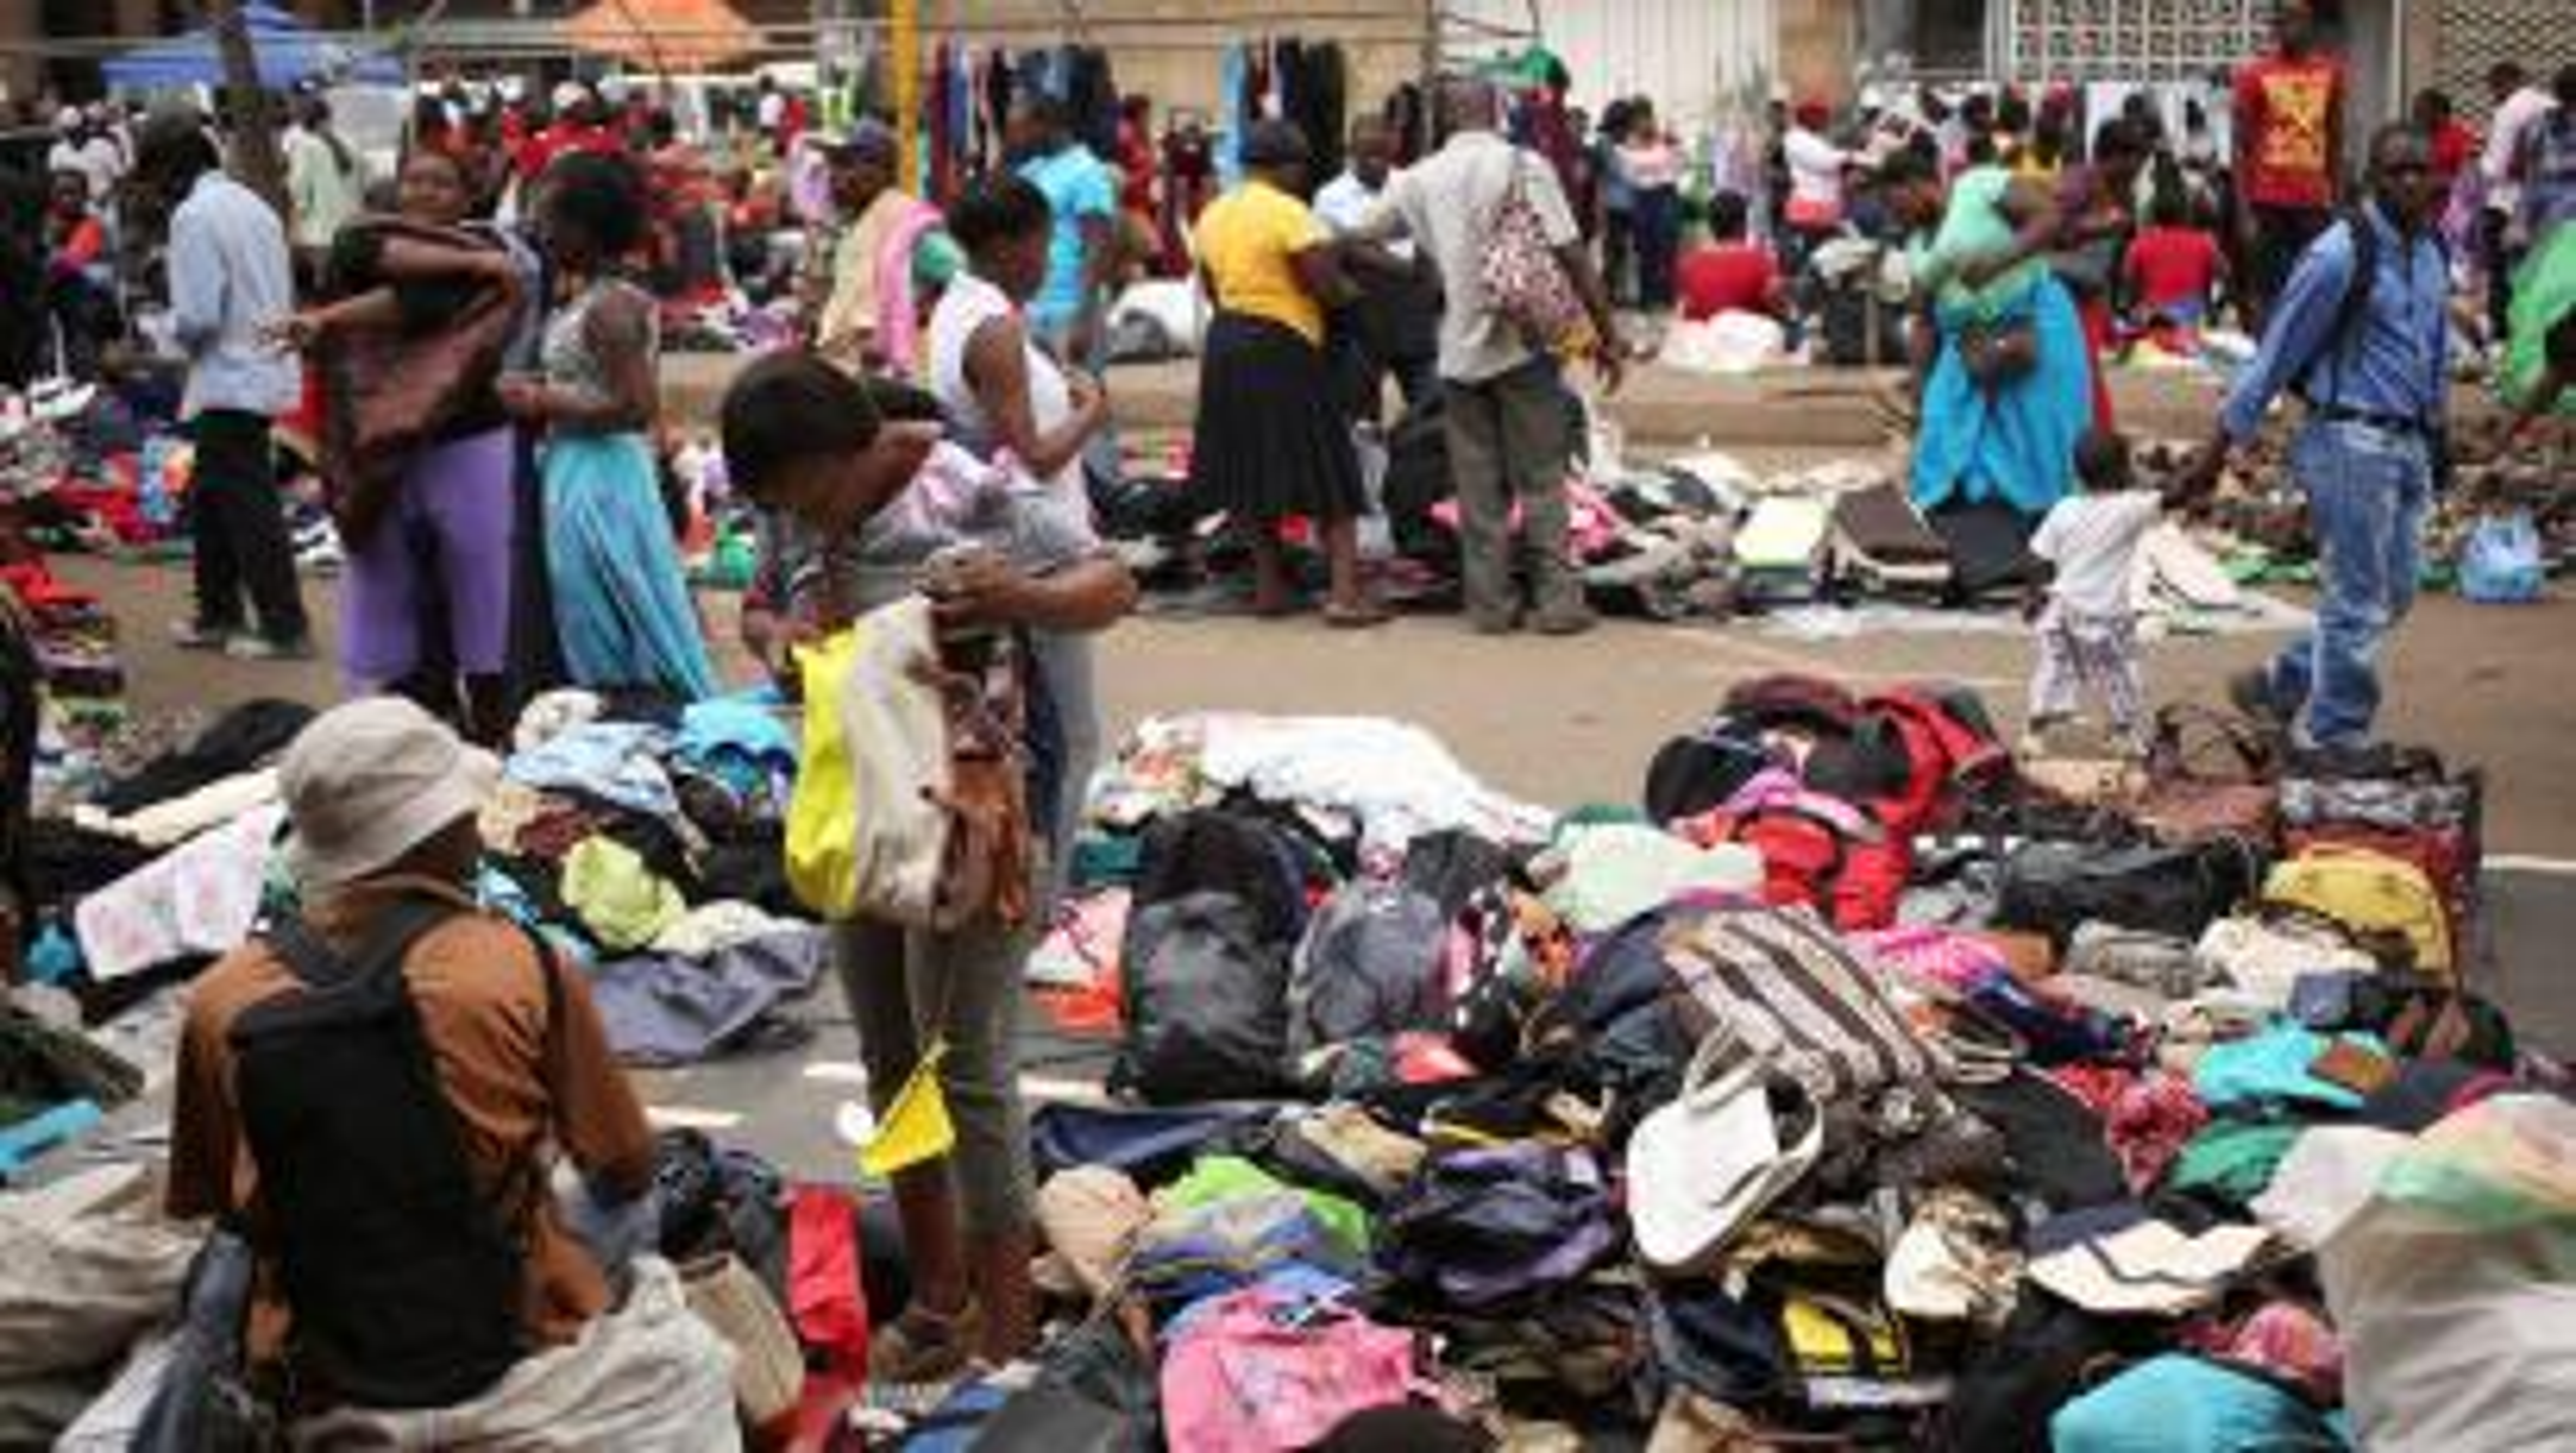 African economies to watch in 2018: Ghana, Ethiopia, Côte d